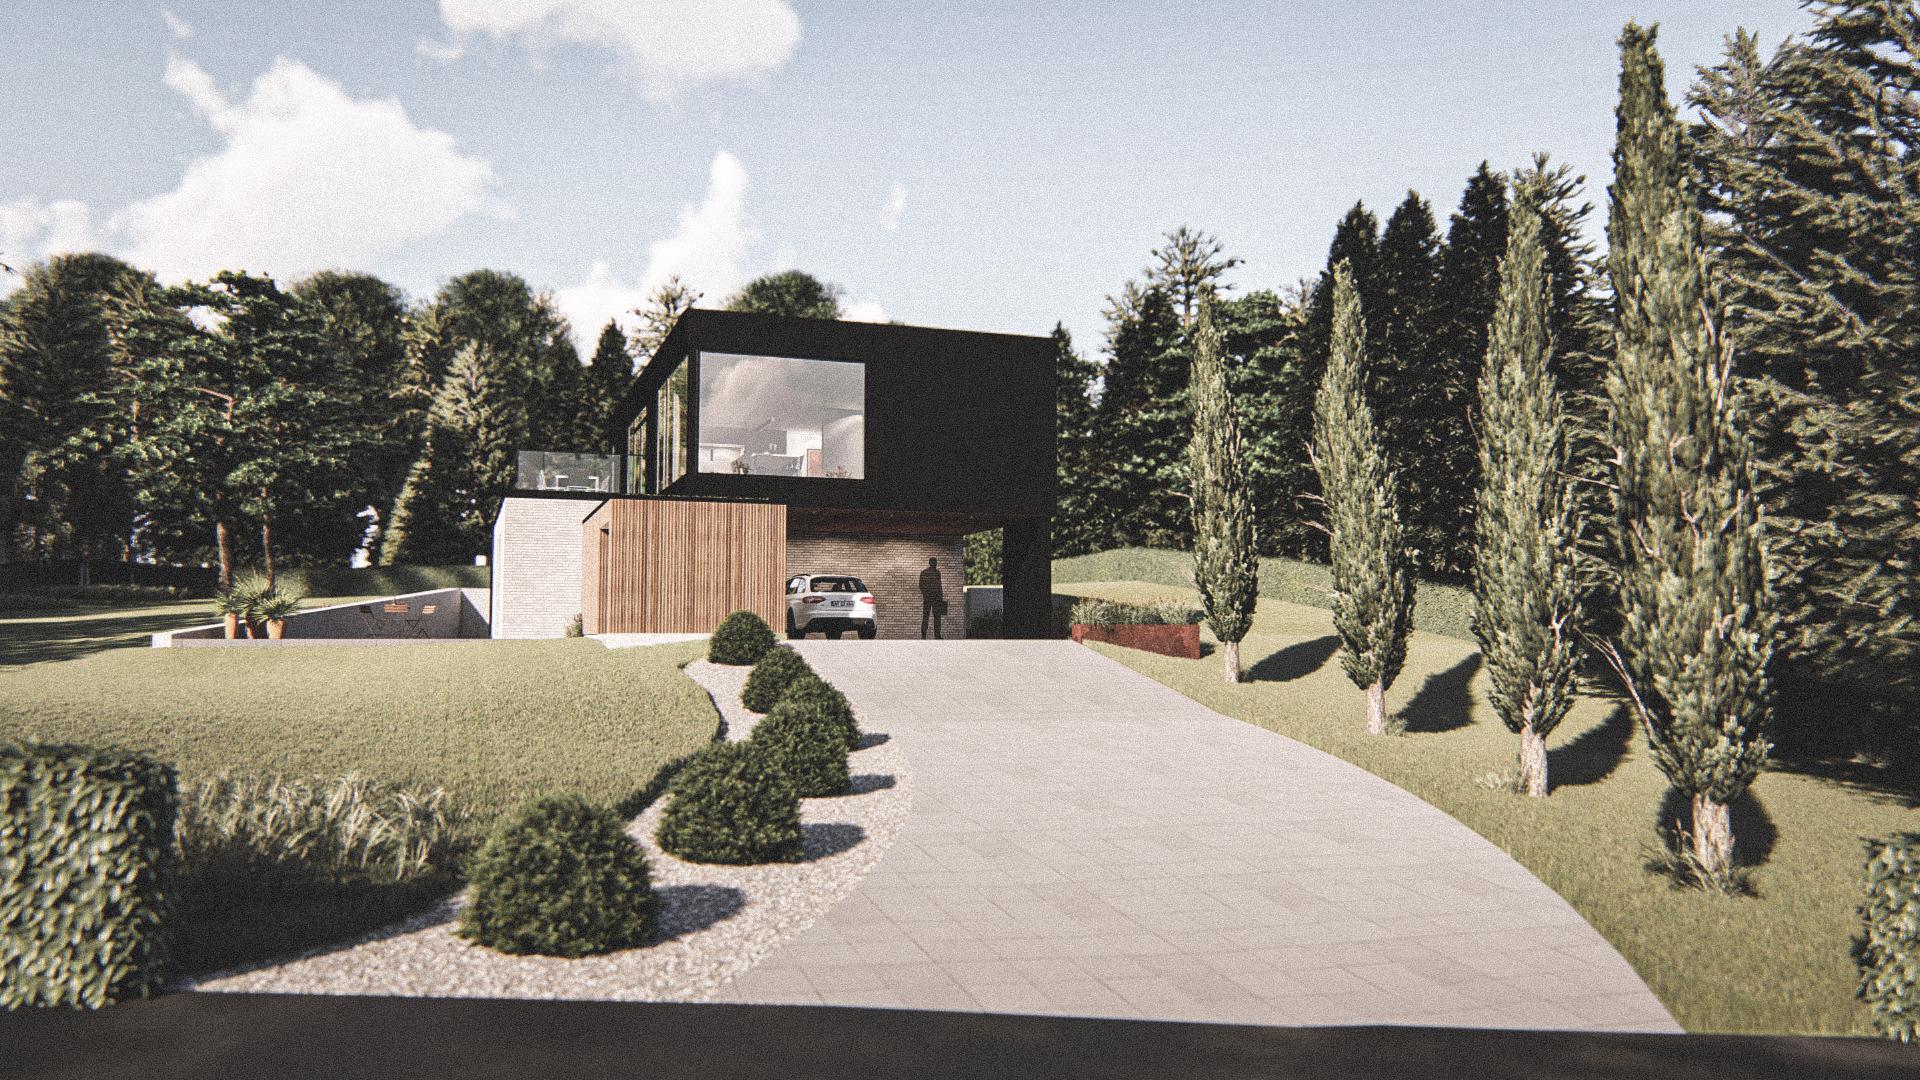 Billede af Dansk arkitekttegnet 2 plan villa af arkitektfirmaet m2plus, i Hadsund på 220 kvartratmeter.